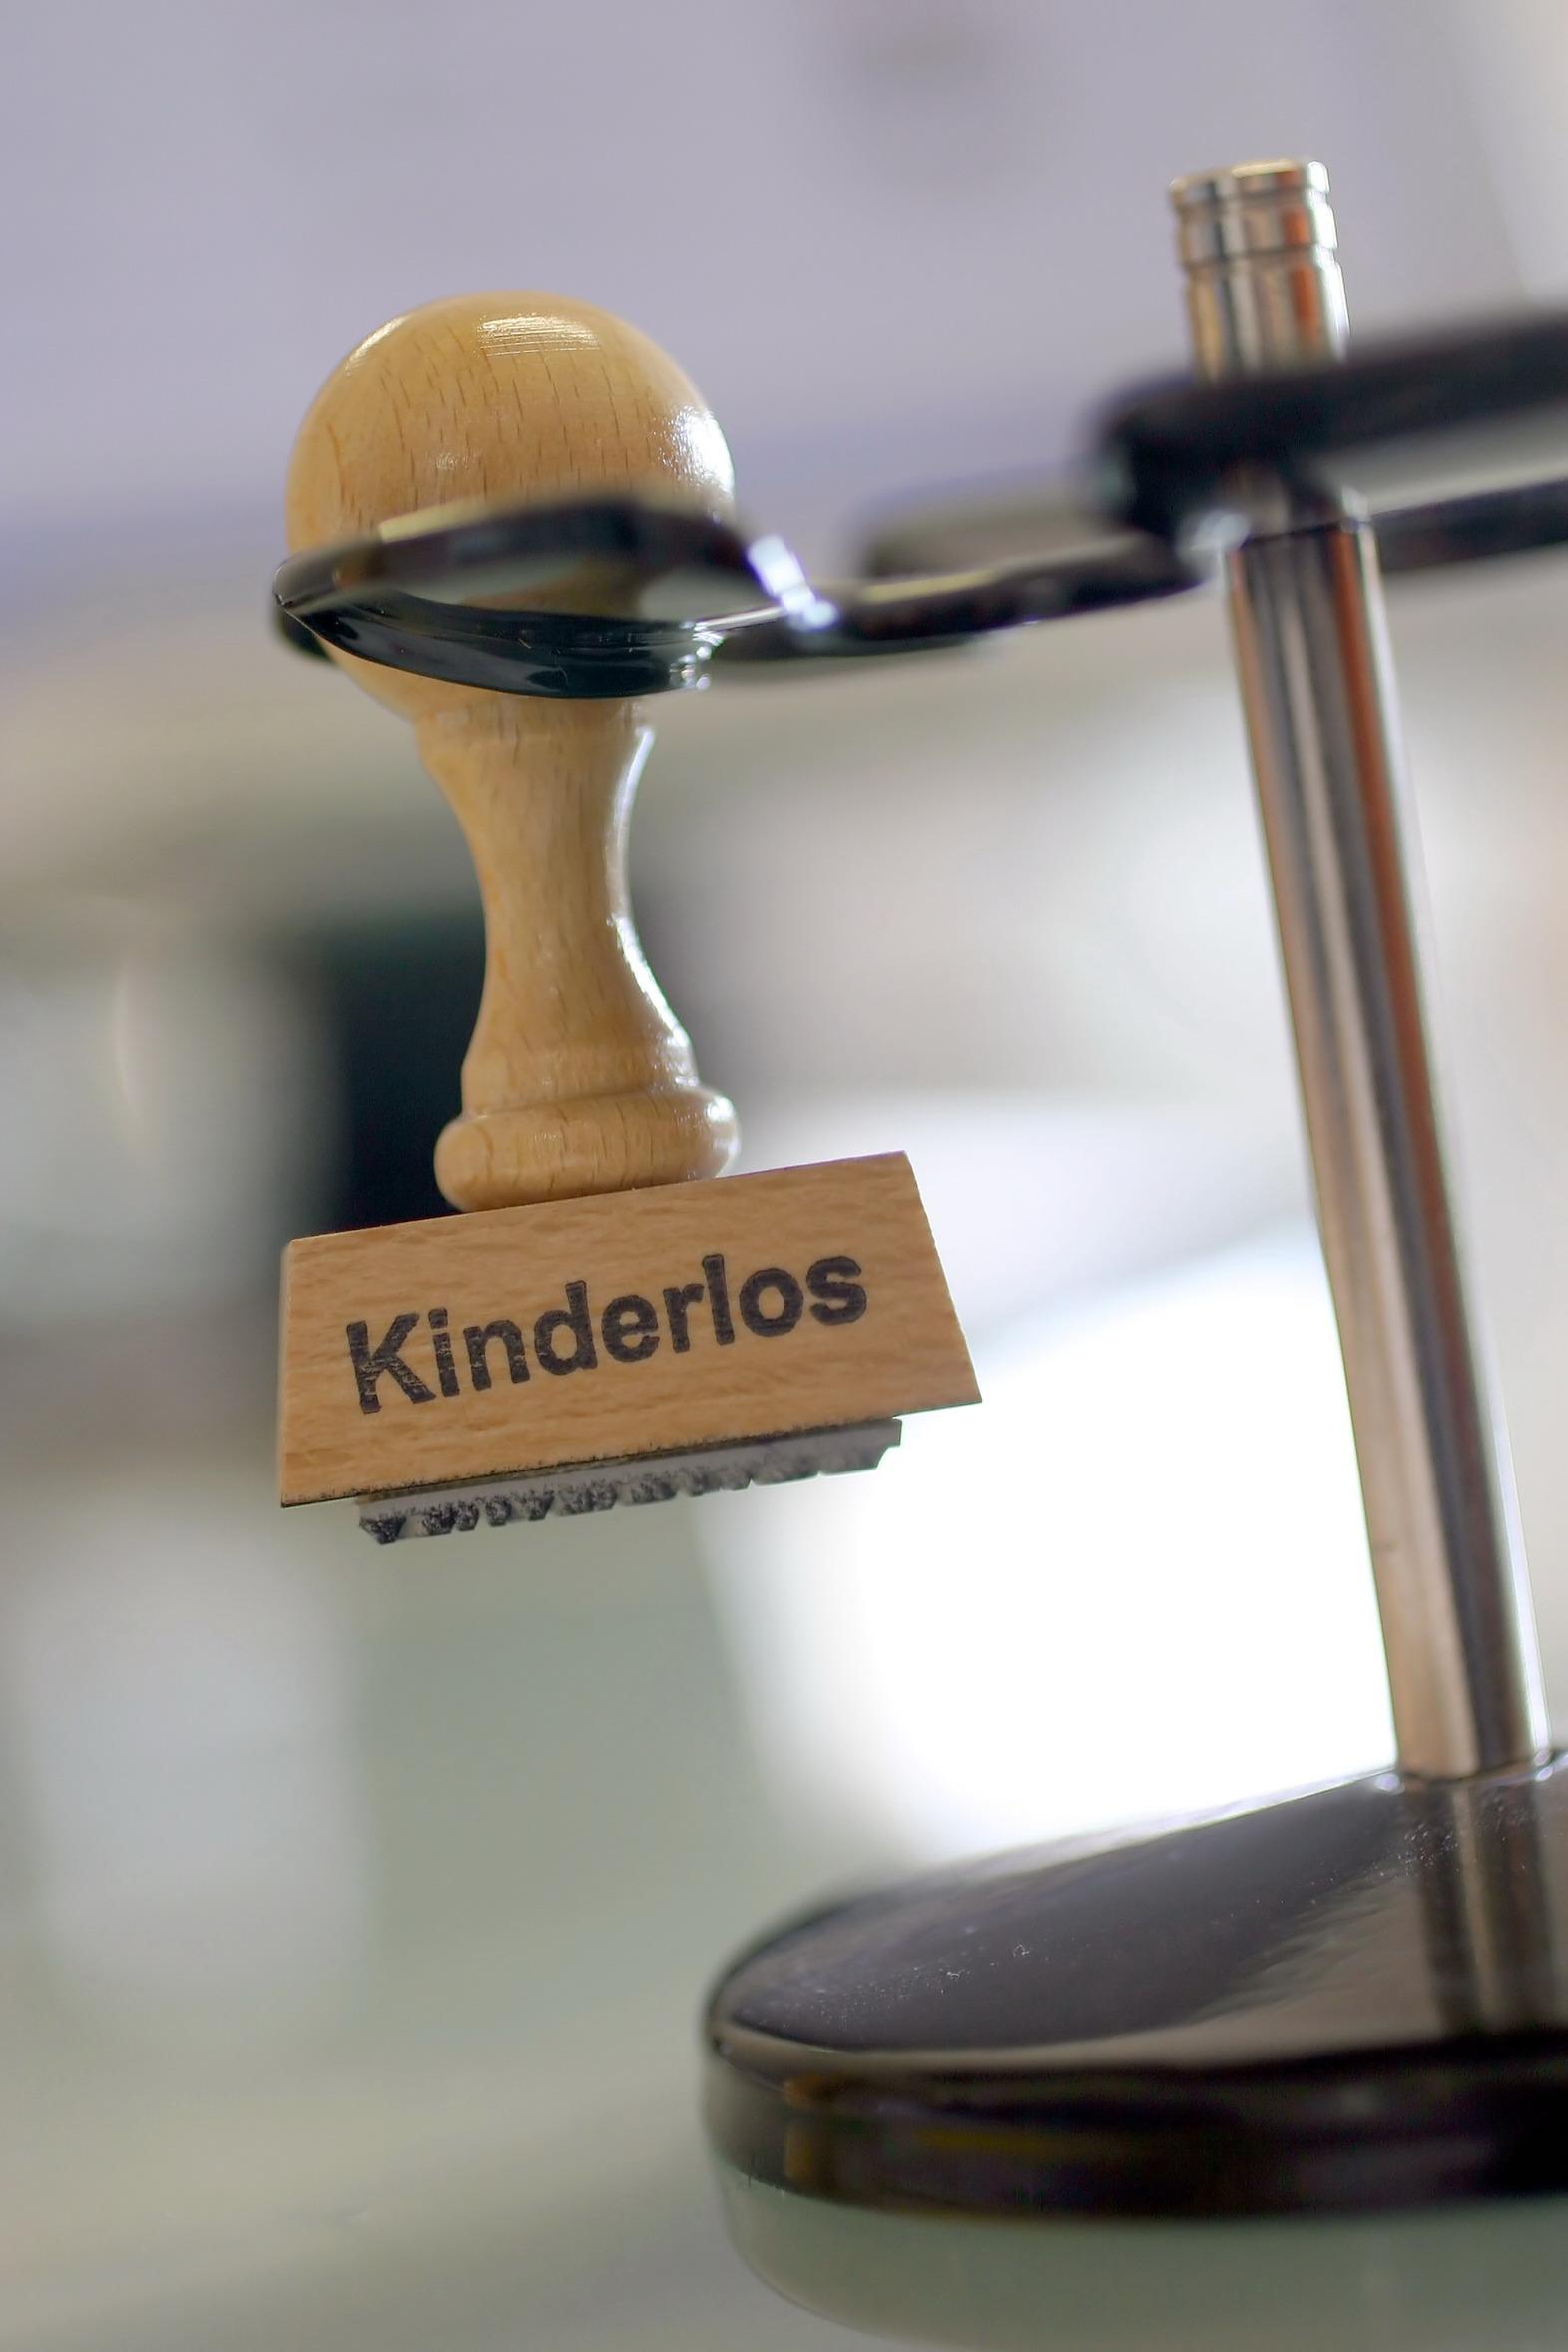 Kinderlos - Stempel - Symbolbild